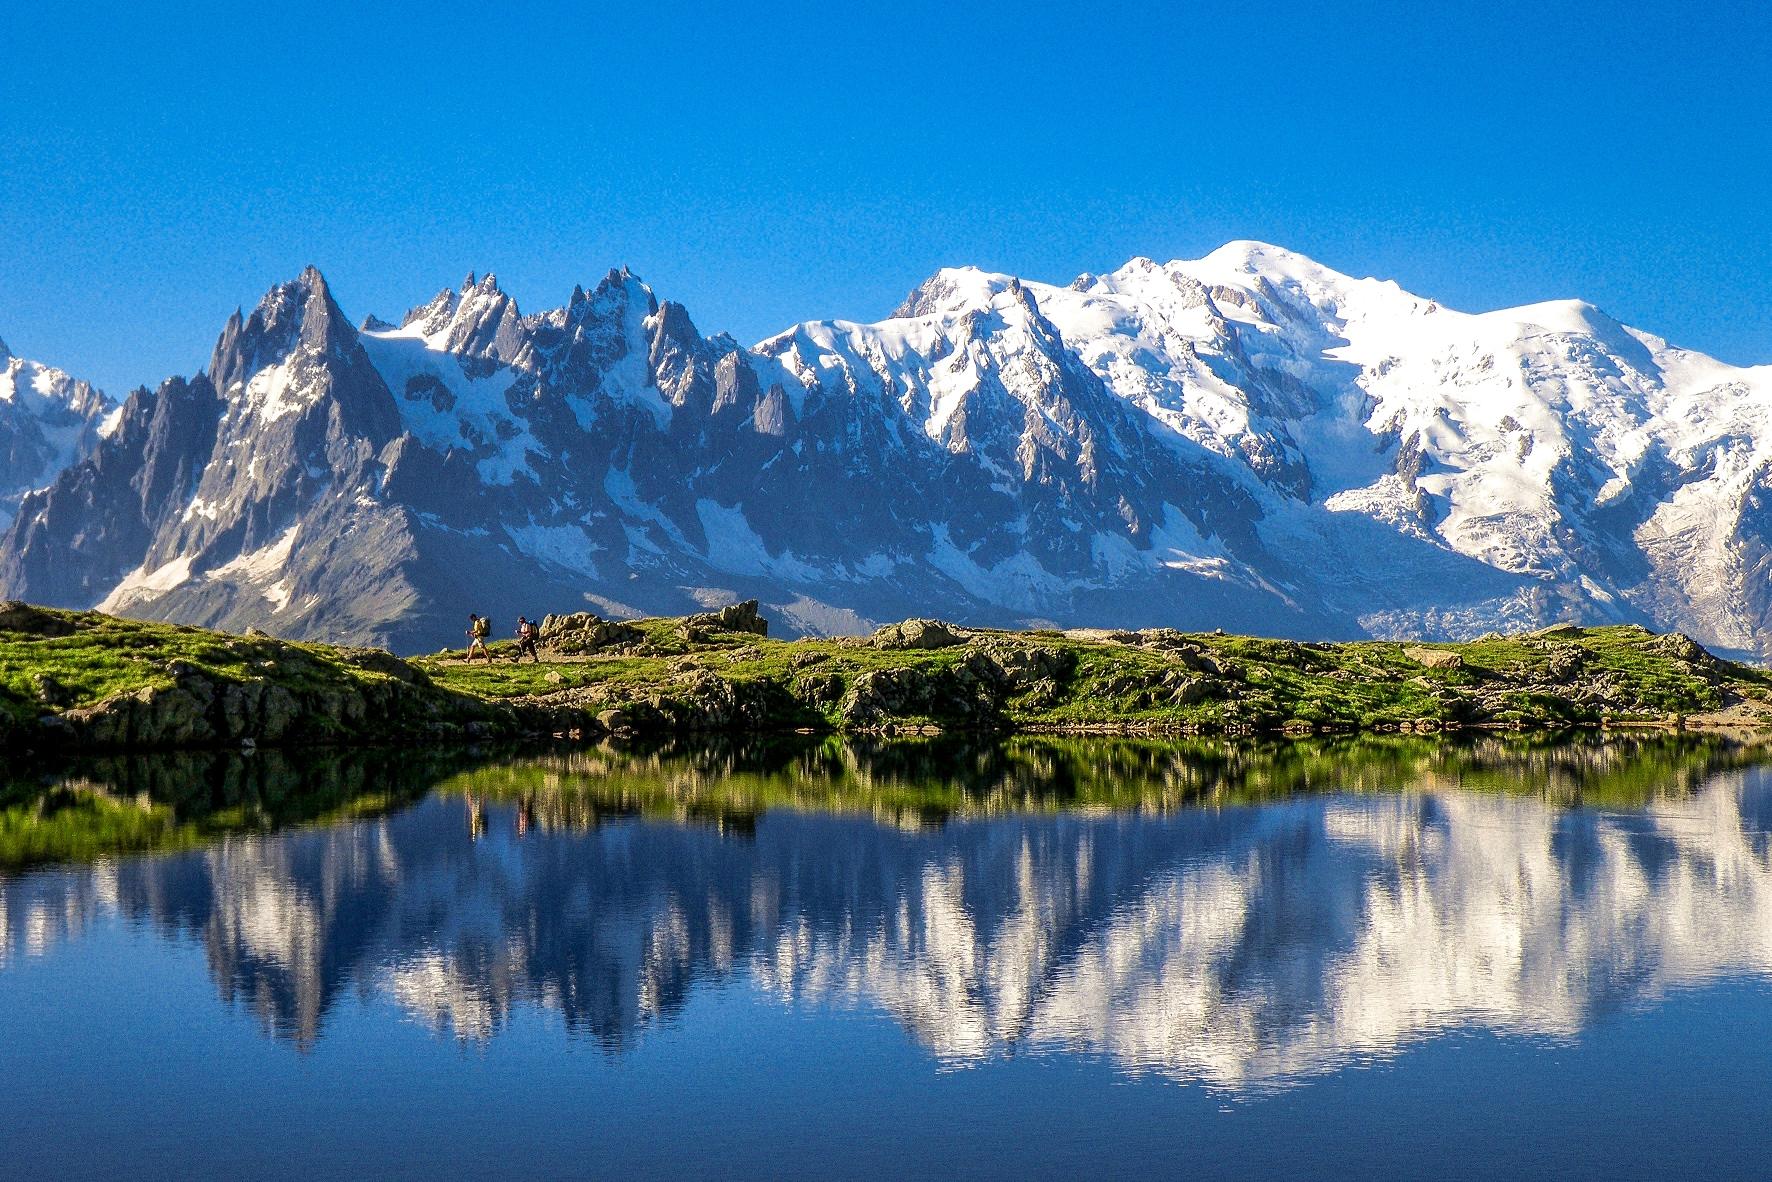 シェズリー湖から望むモンブラン(右奥/ 4,807m)とシャモニ針峰群(フランス)